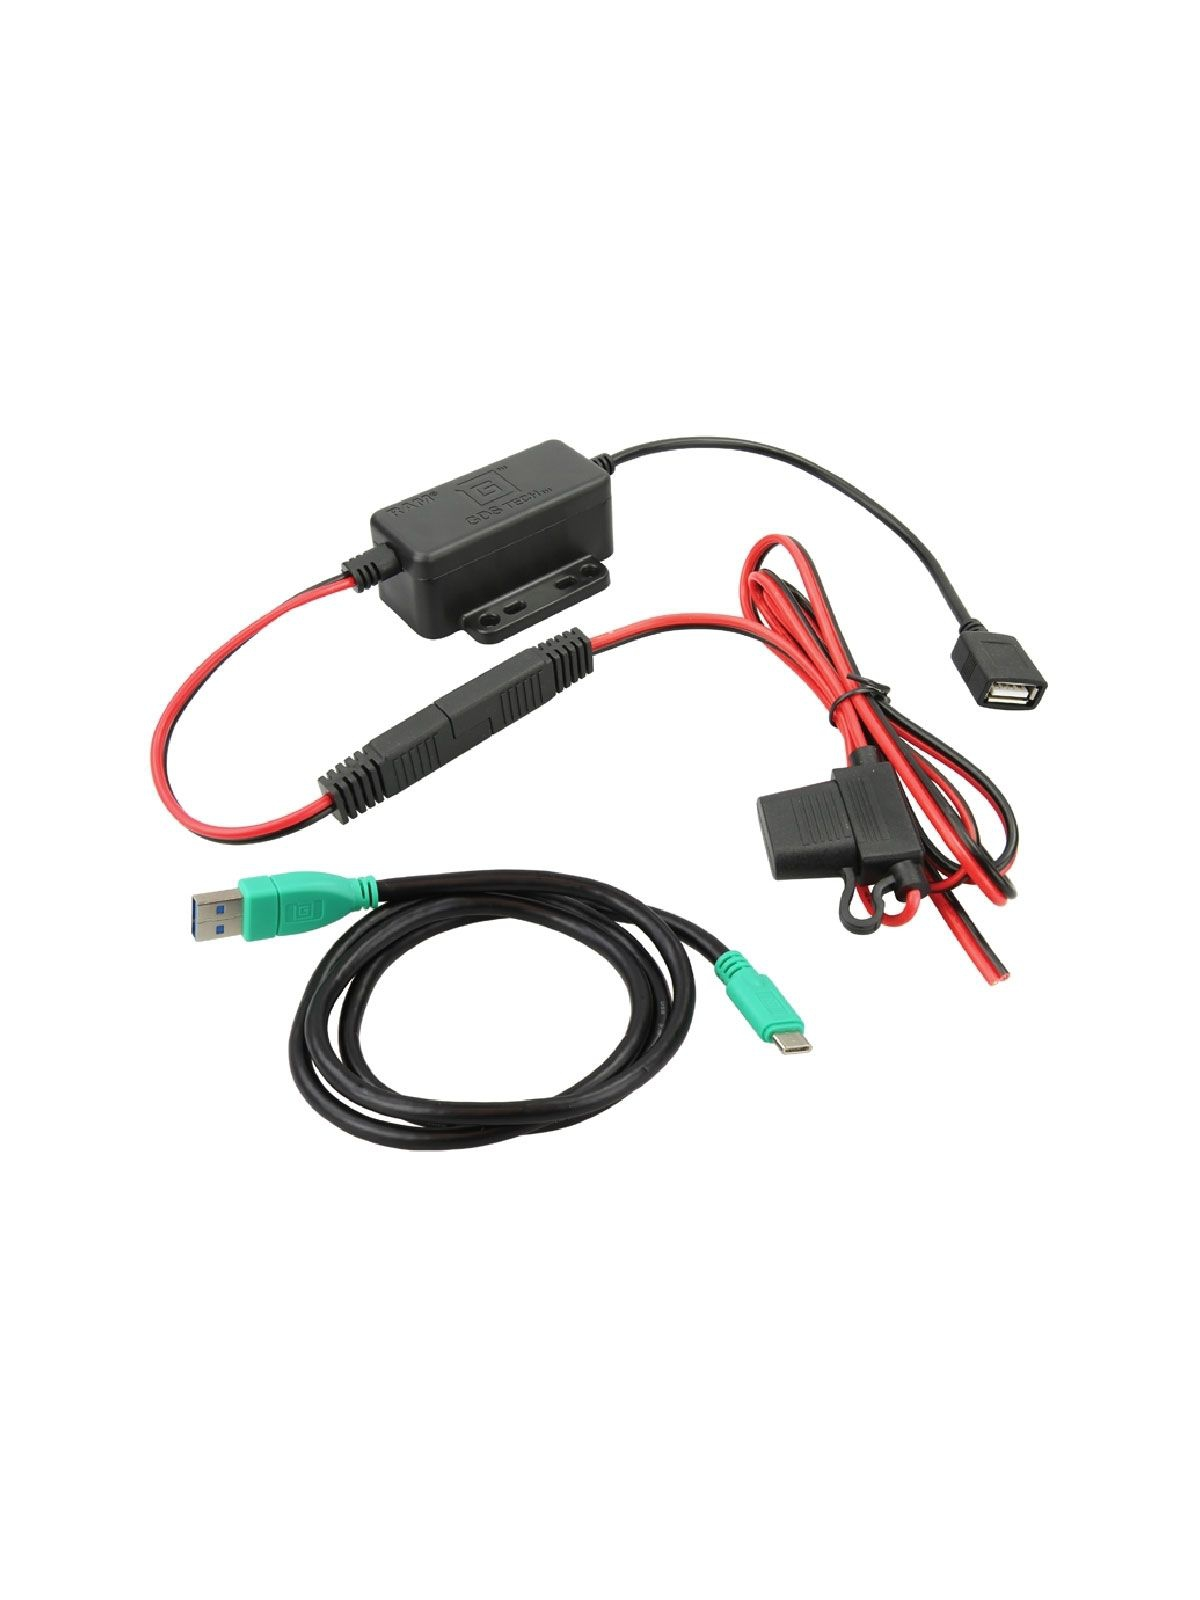 RAM Mounts GDS Strom-Modul - offene Enden, USB Typ-A Anschluss, 8/40 V DC Eingangsspannung, inkl. USB-Verbindungskabel (USB/USB-C)